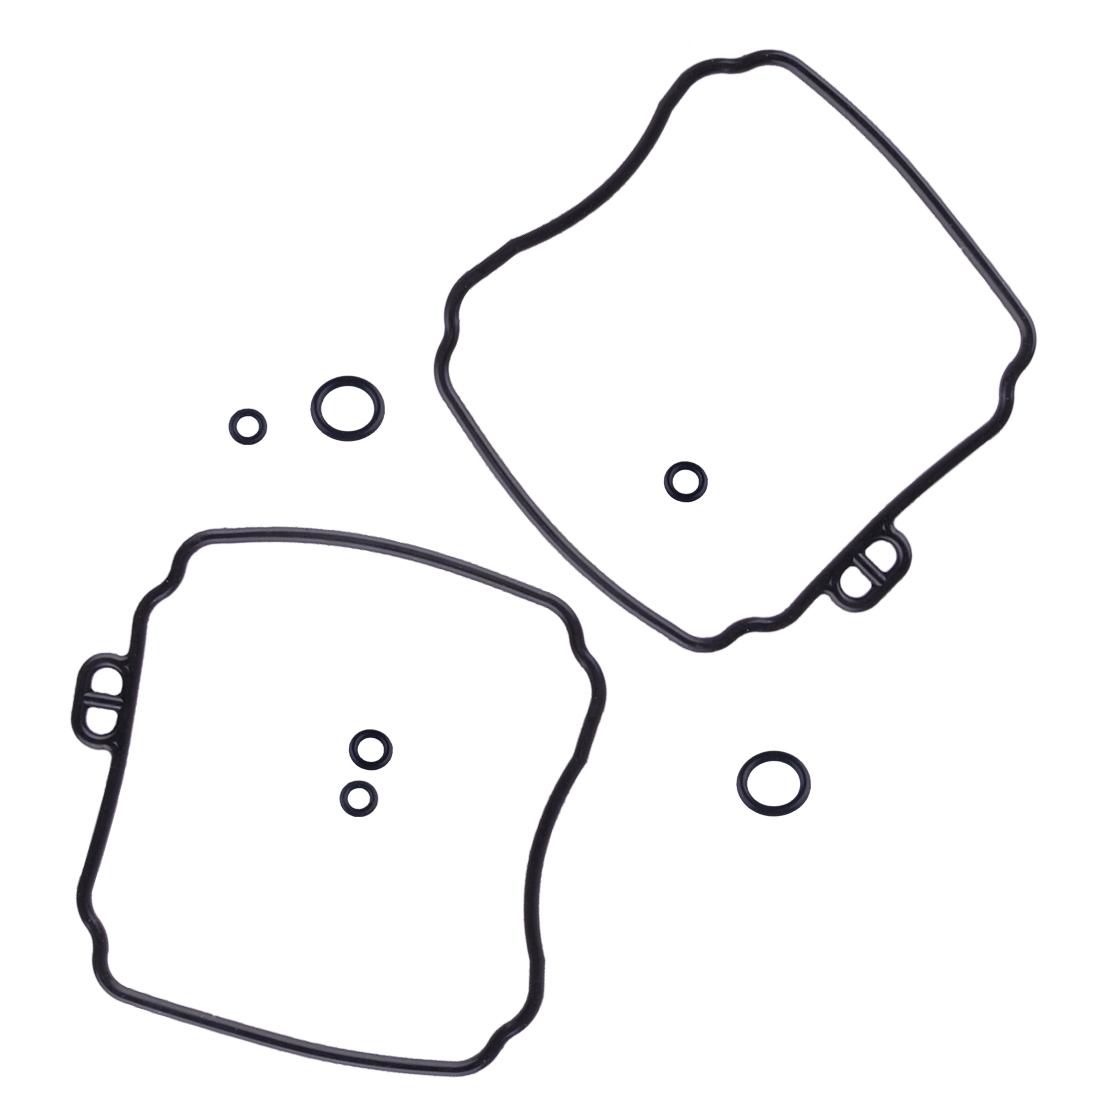 4x Carburetor Repair Kit & 4 Plunger Diaphragm Set Fit for